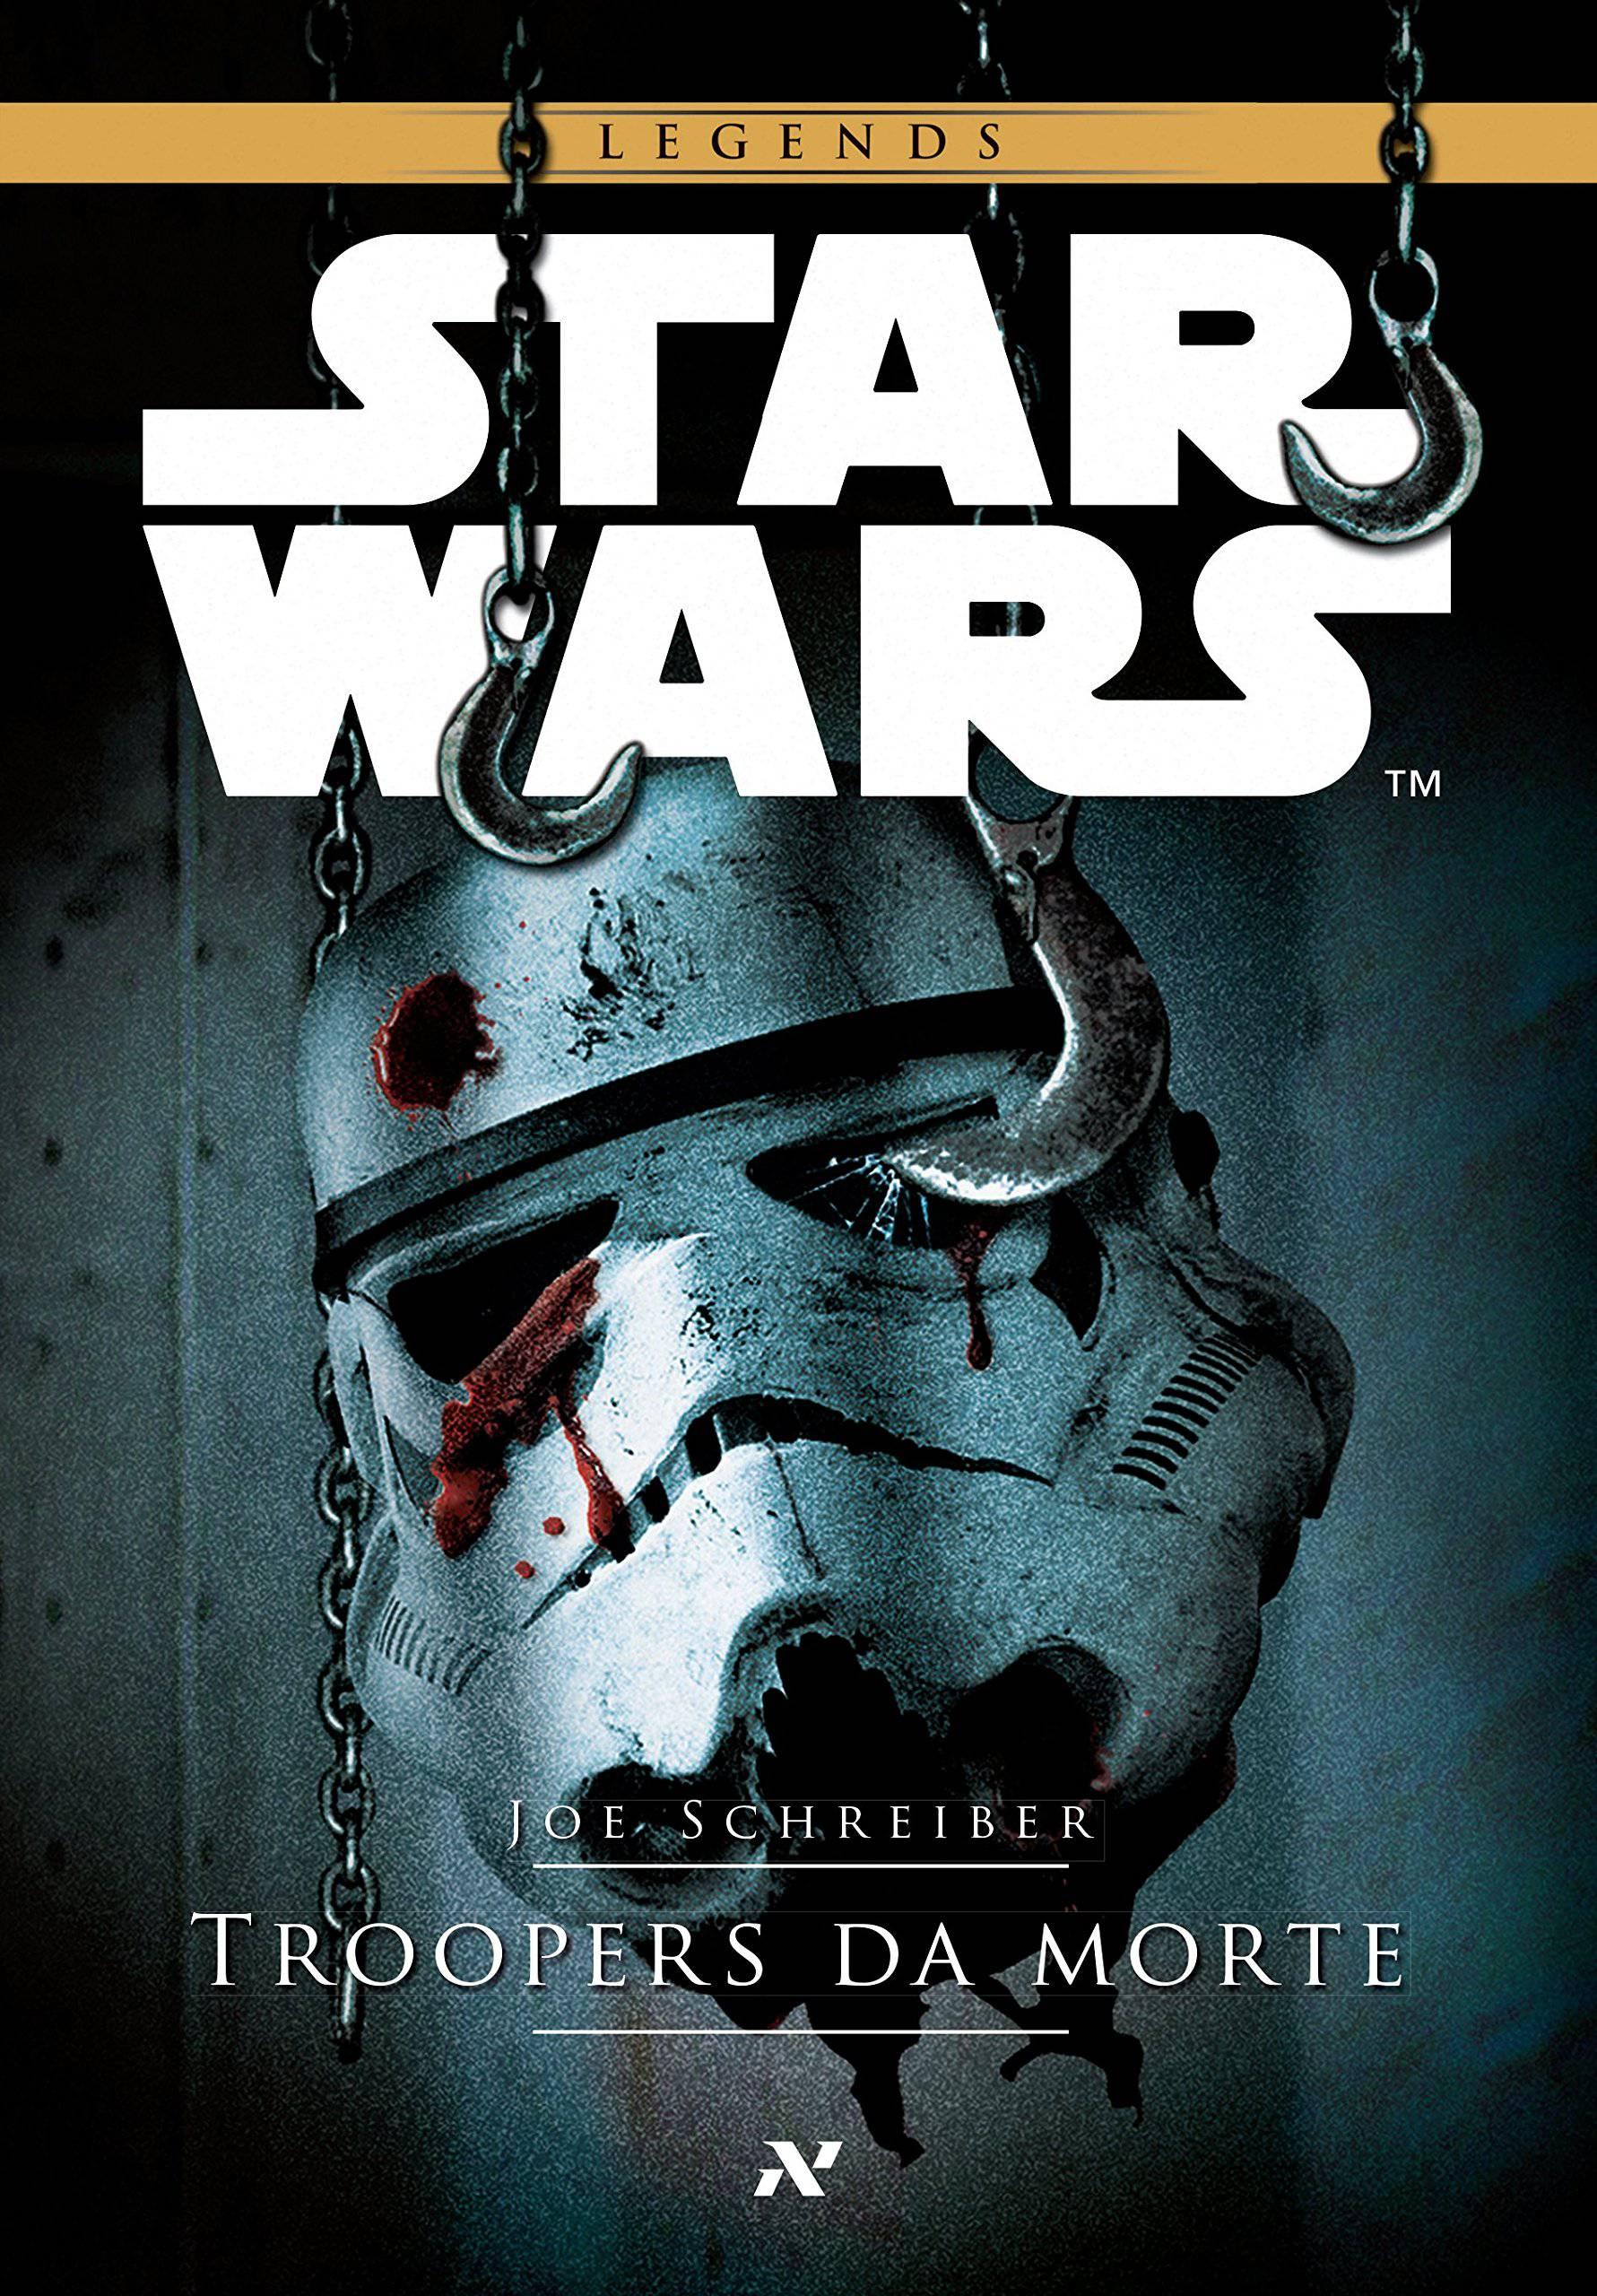 troopers_da_morte